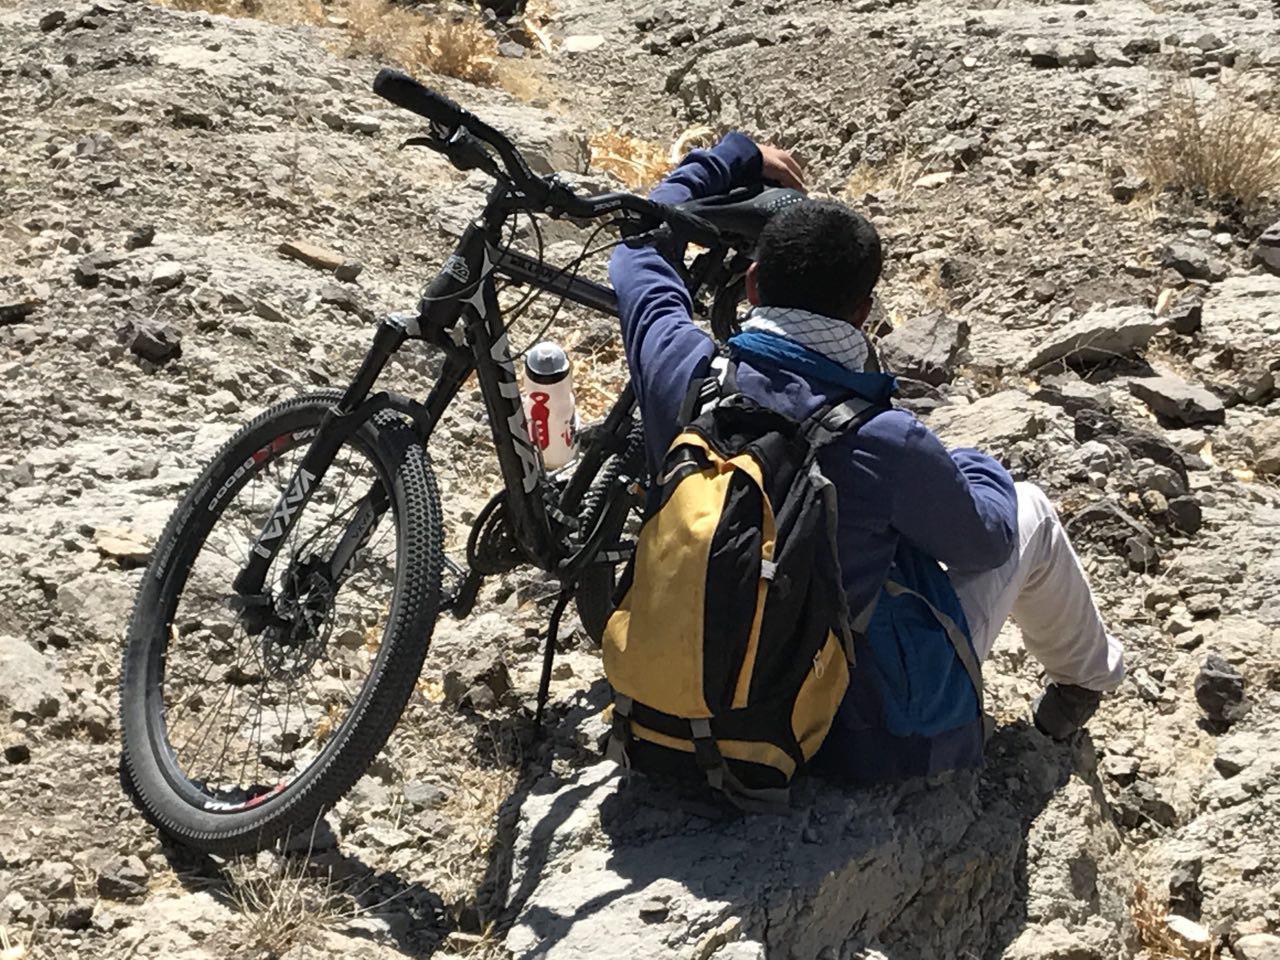 به کوهنوردی سنگین برید تا زندگی رو زندگی کنید!!!